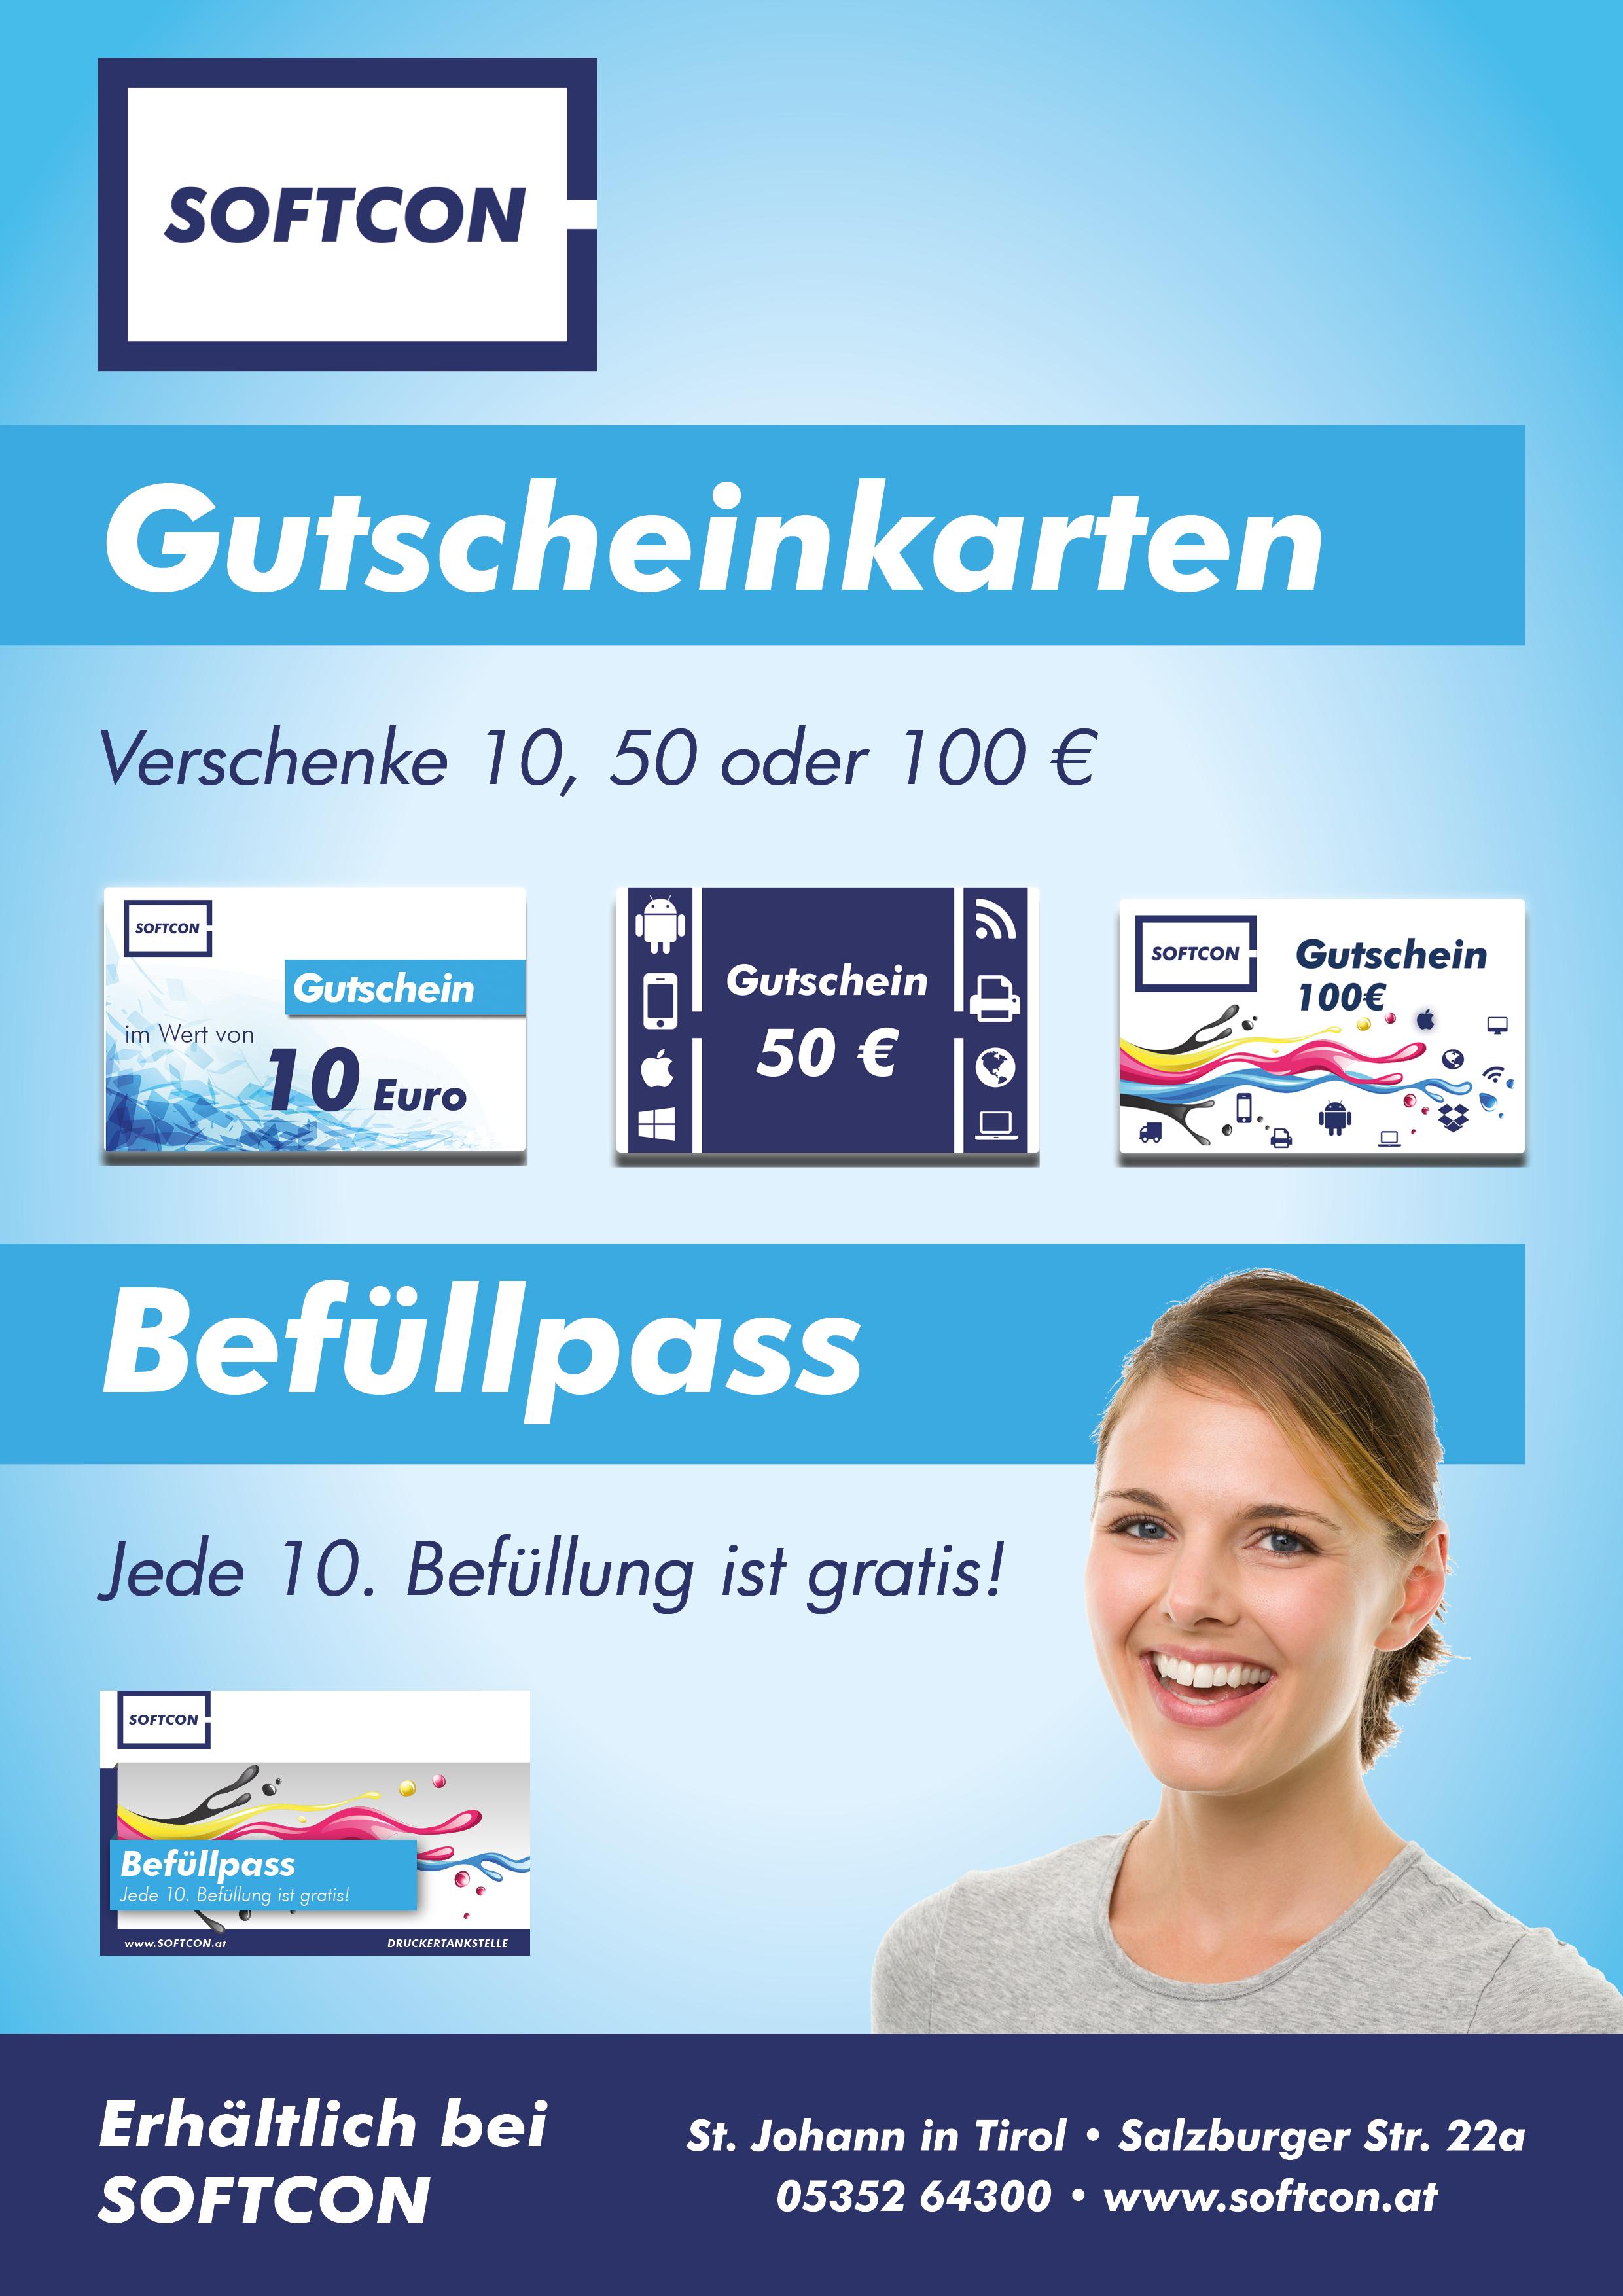 SOFTCON Gutscheinkarten & Befüllpass